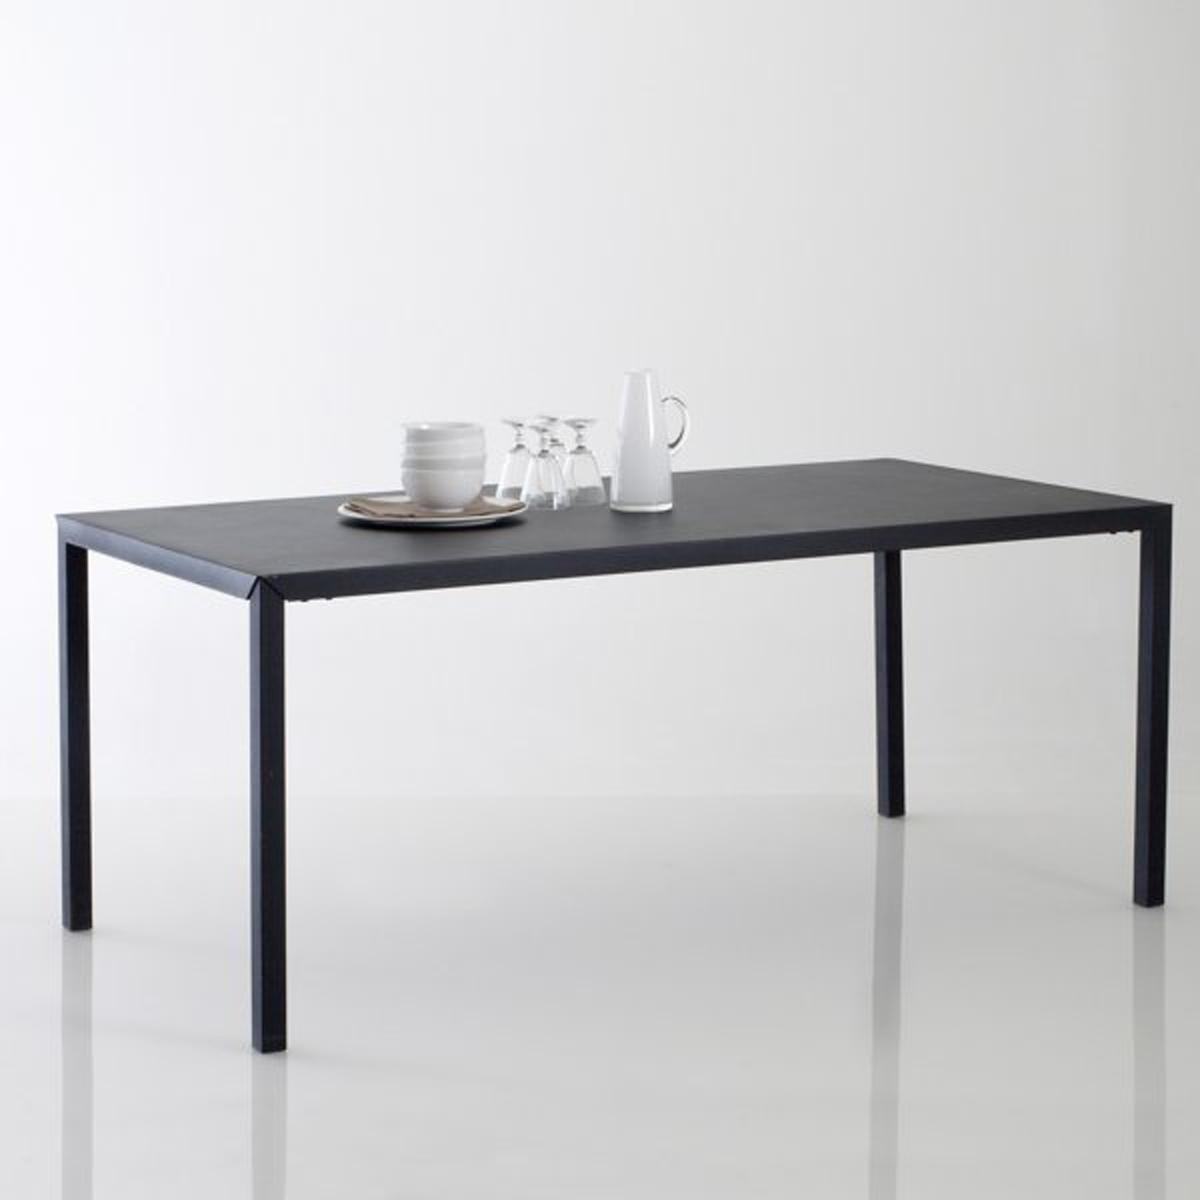 Стол La Redoute Обеденный из черного матового металла на приборов Hiba 6 персоны черный стол la redoute обеденный с удлинением персон jimi 10 персоны белый